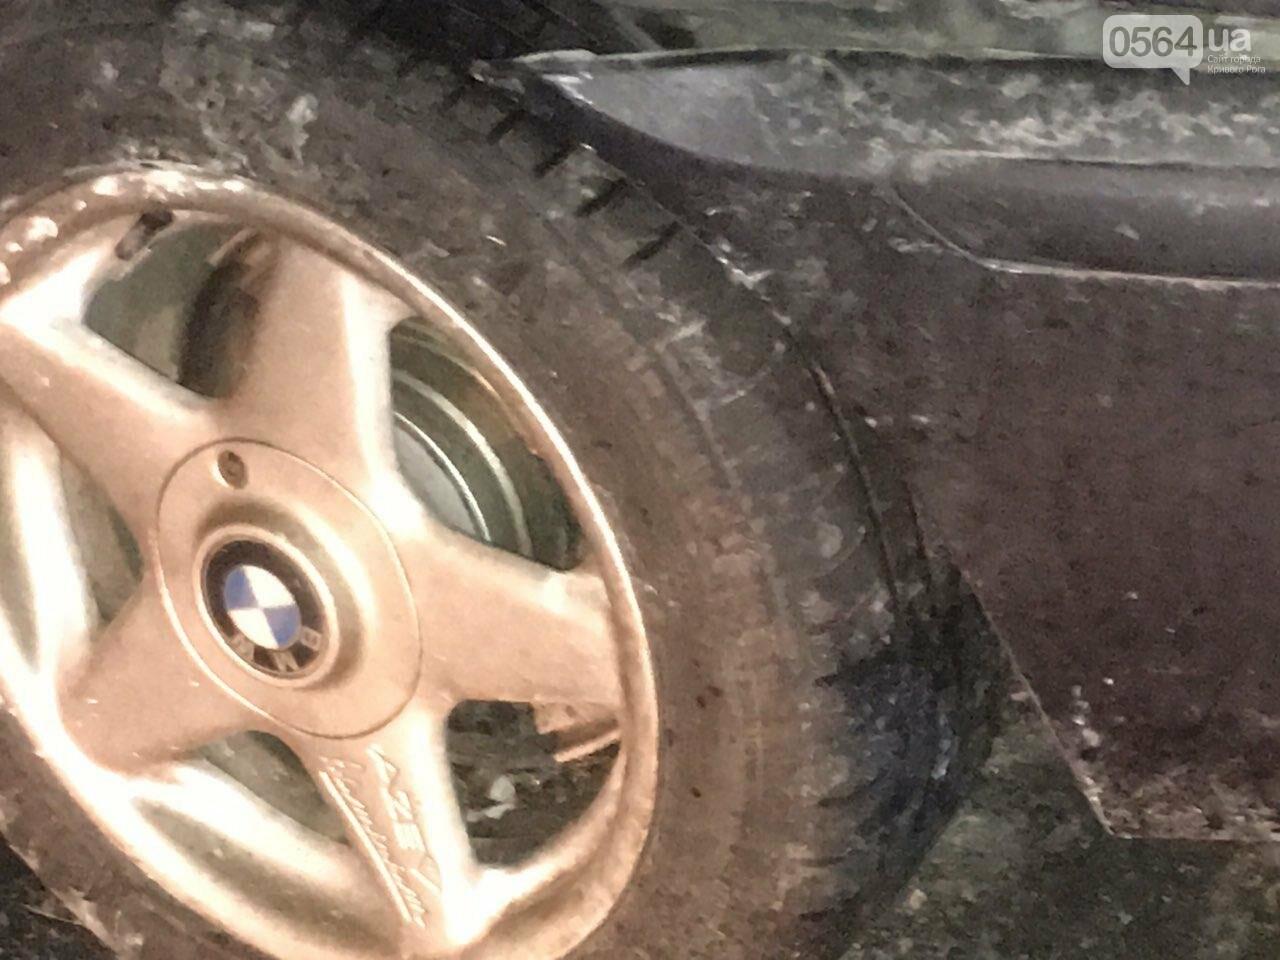 """В Кривом Роге """"BMW"""" снес забор стоянки: повреждено около 10 машин, есть пострадавший, - ФОТО , фото-24"""